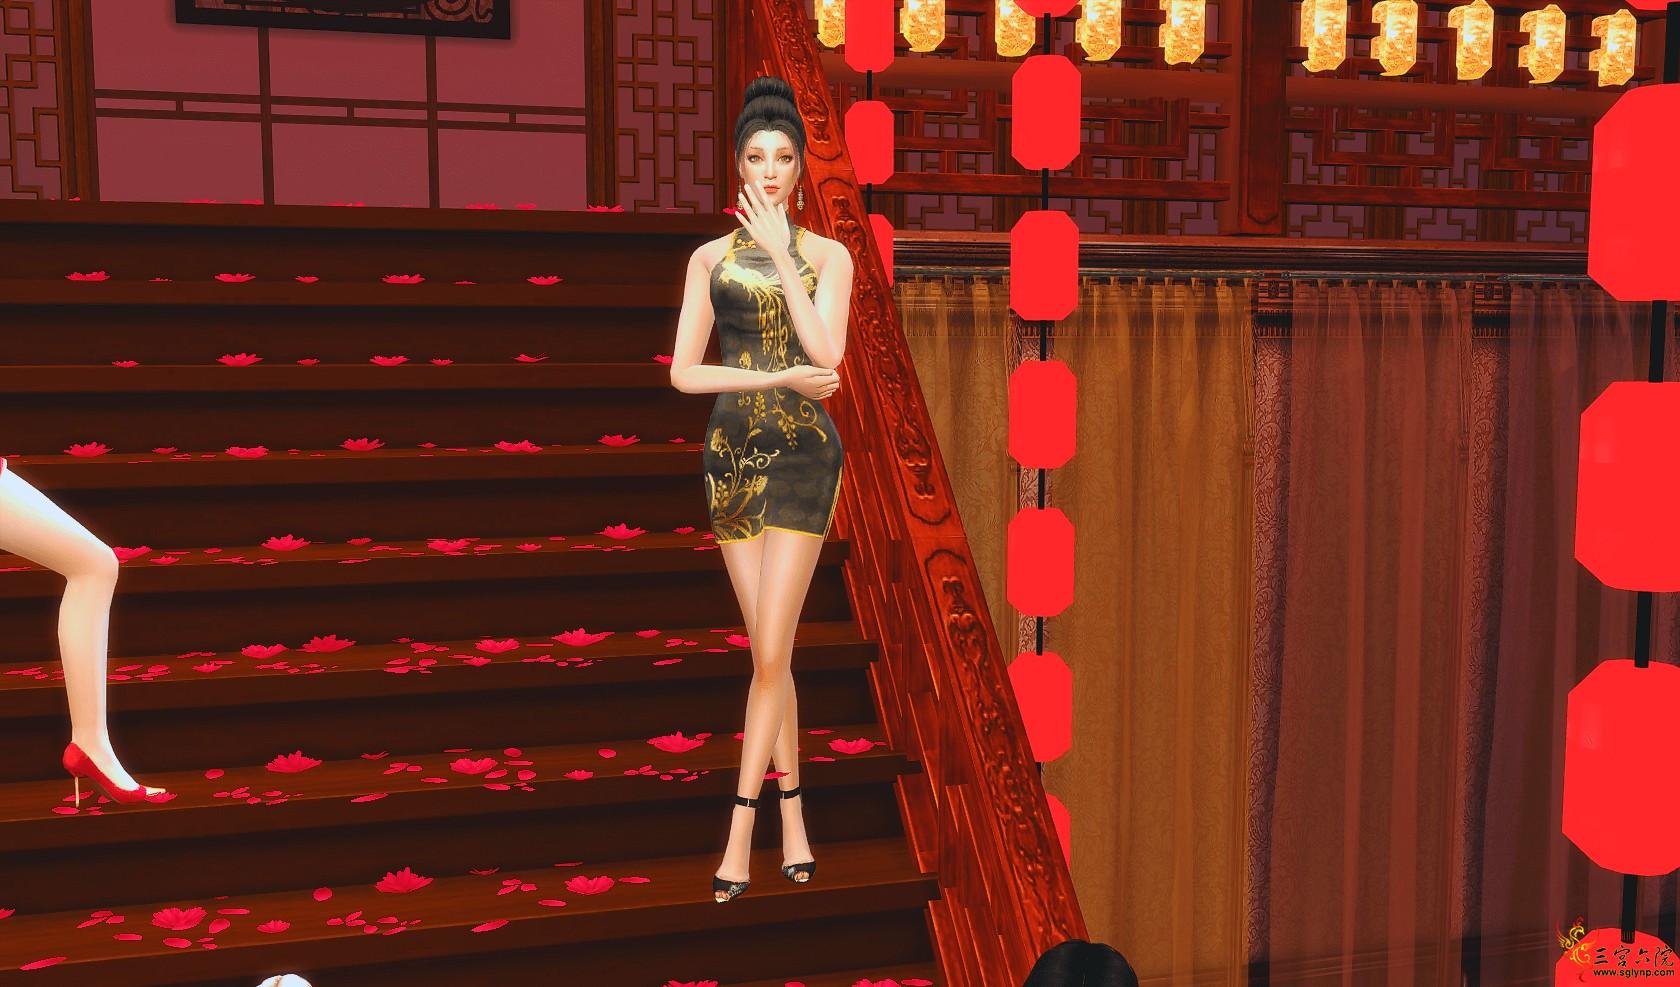 Sims 4 Screenshot 2020.06.21 - 02.17.04.84.png